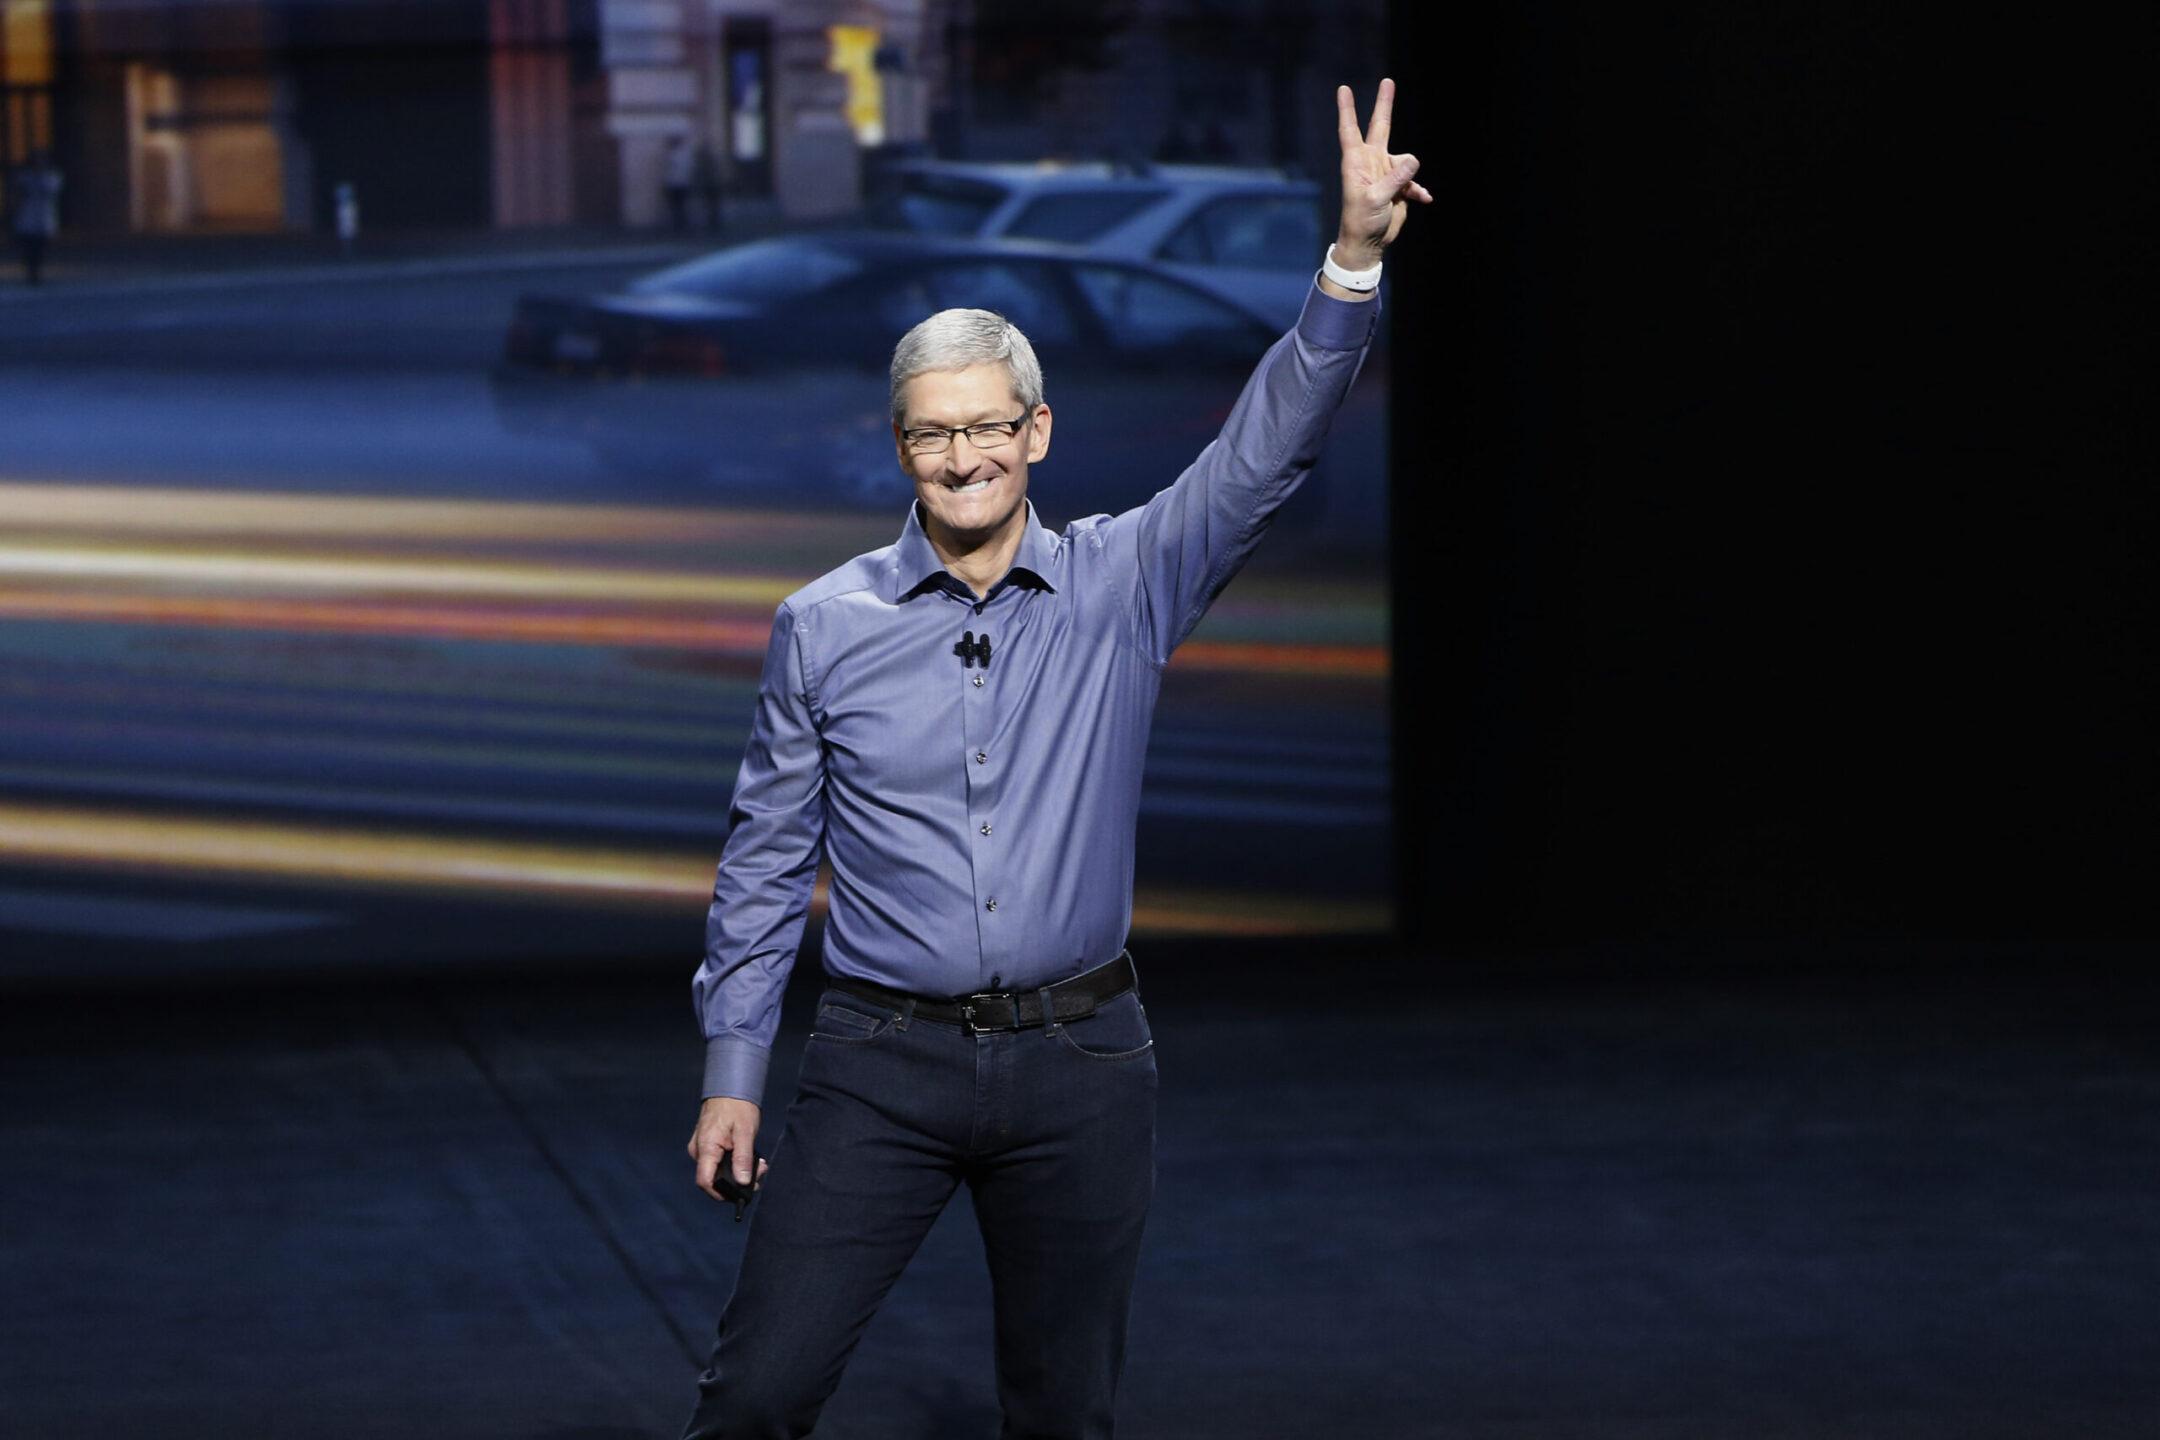 Tim Cook ceo Apple, le trimestrali delle big tech (Microsoft, Google e Apple)